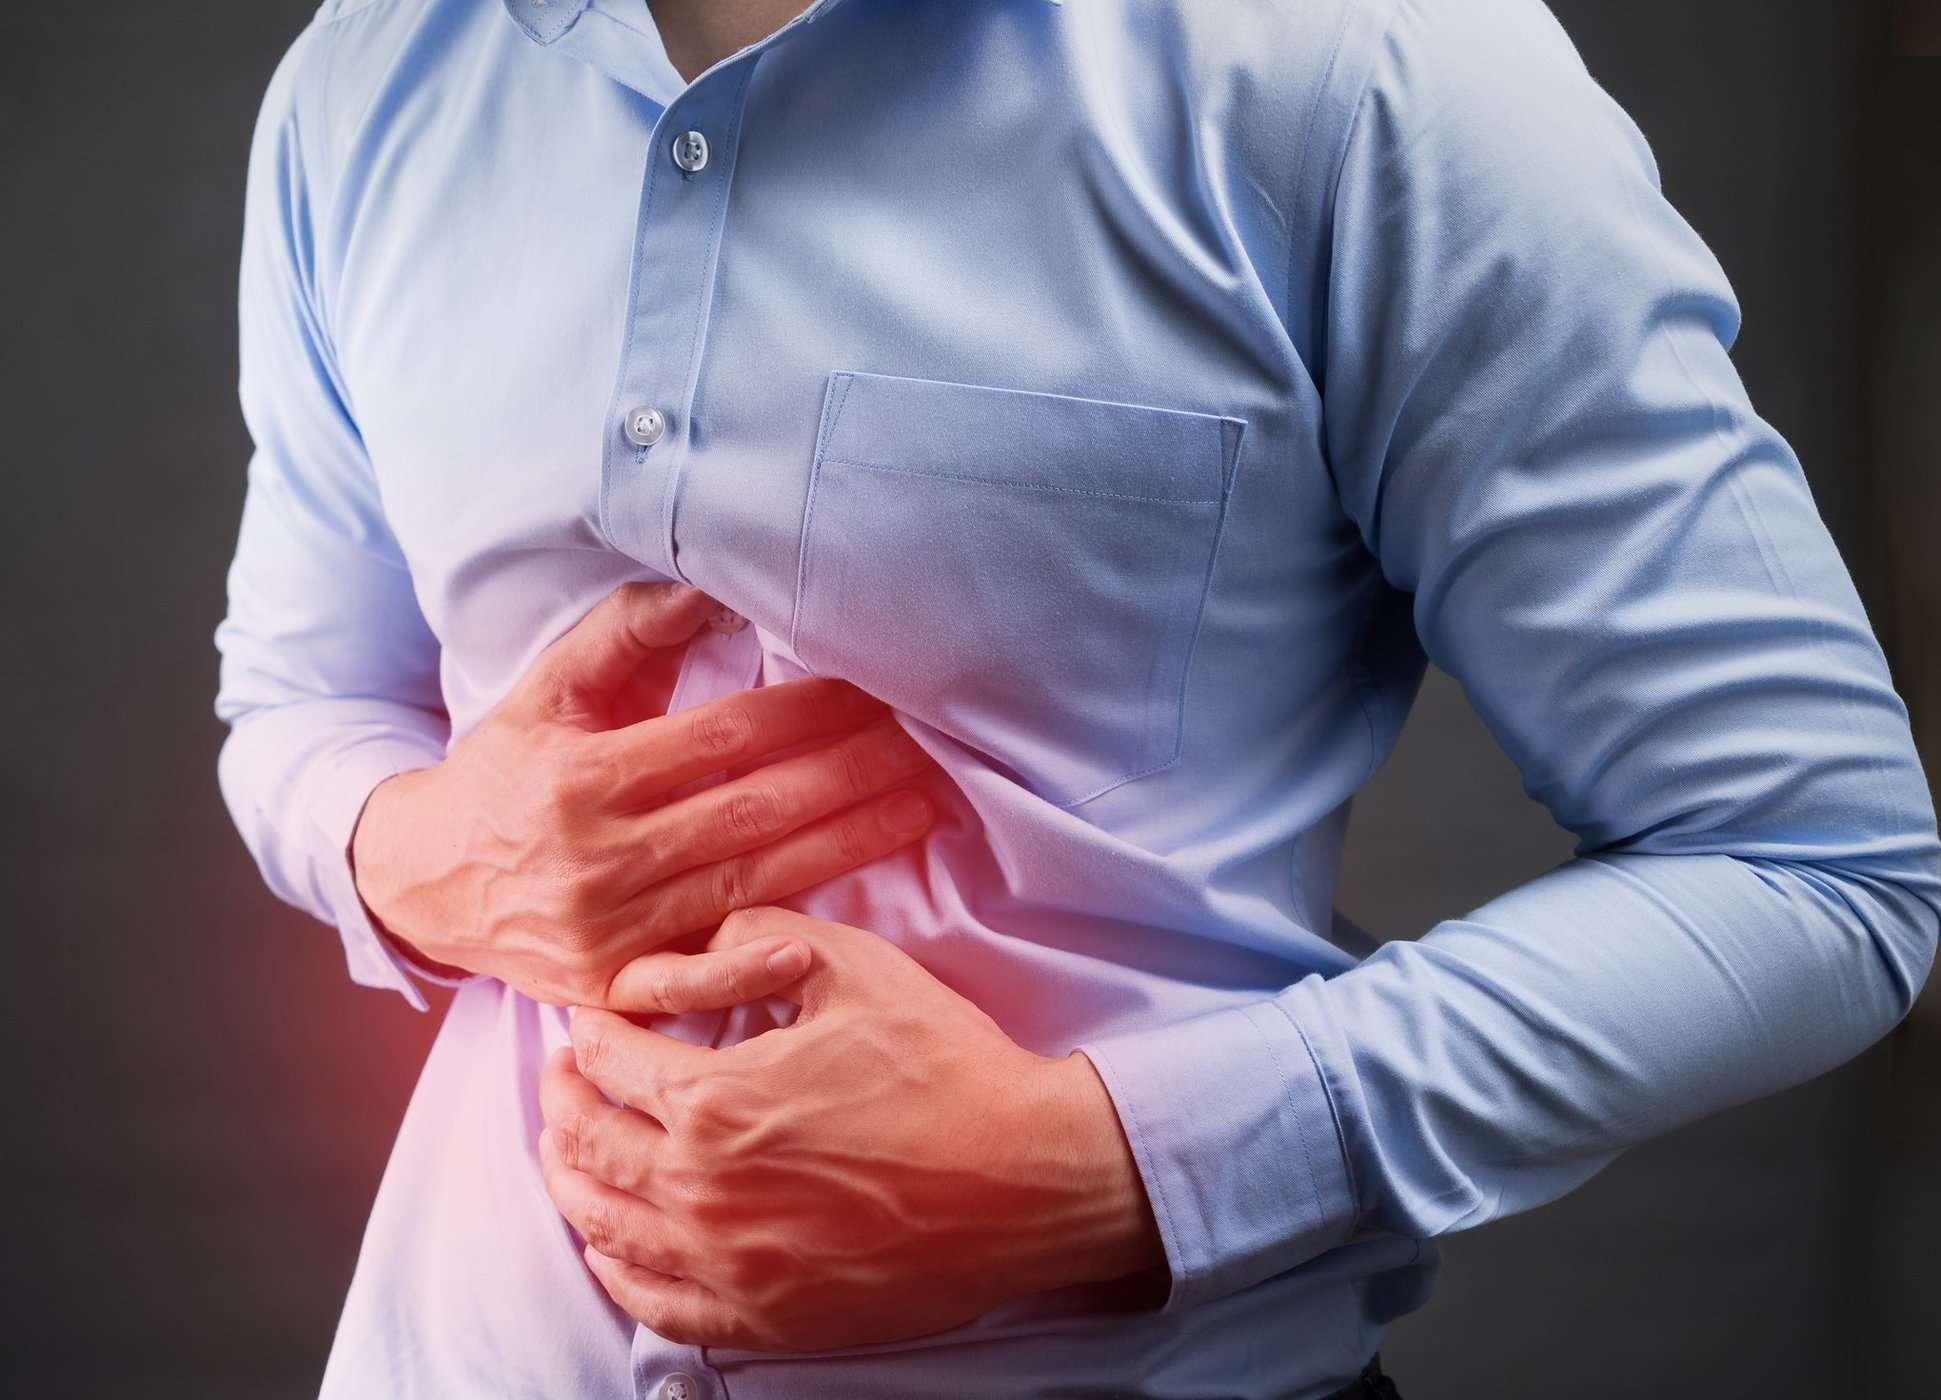 Trào ngược dạ dày có thể gây nhiều biến chứng nguy hiểm.